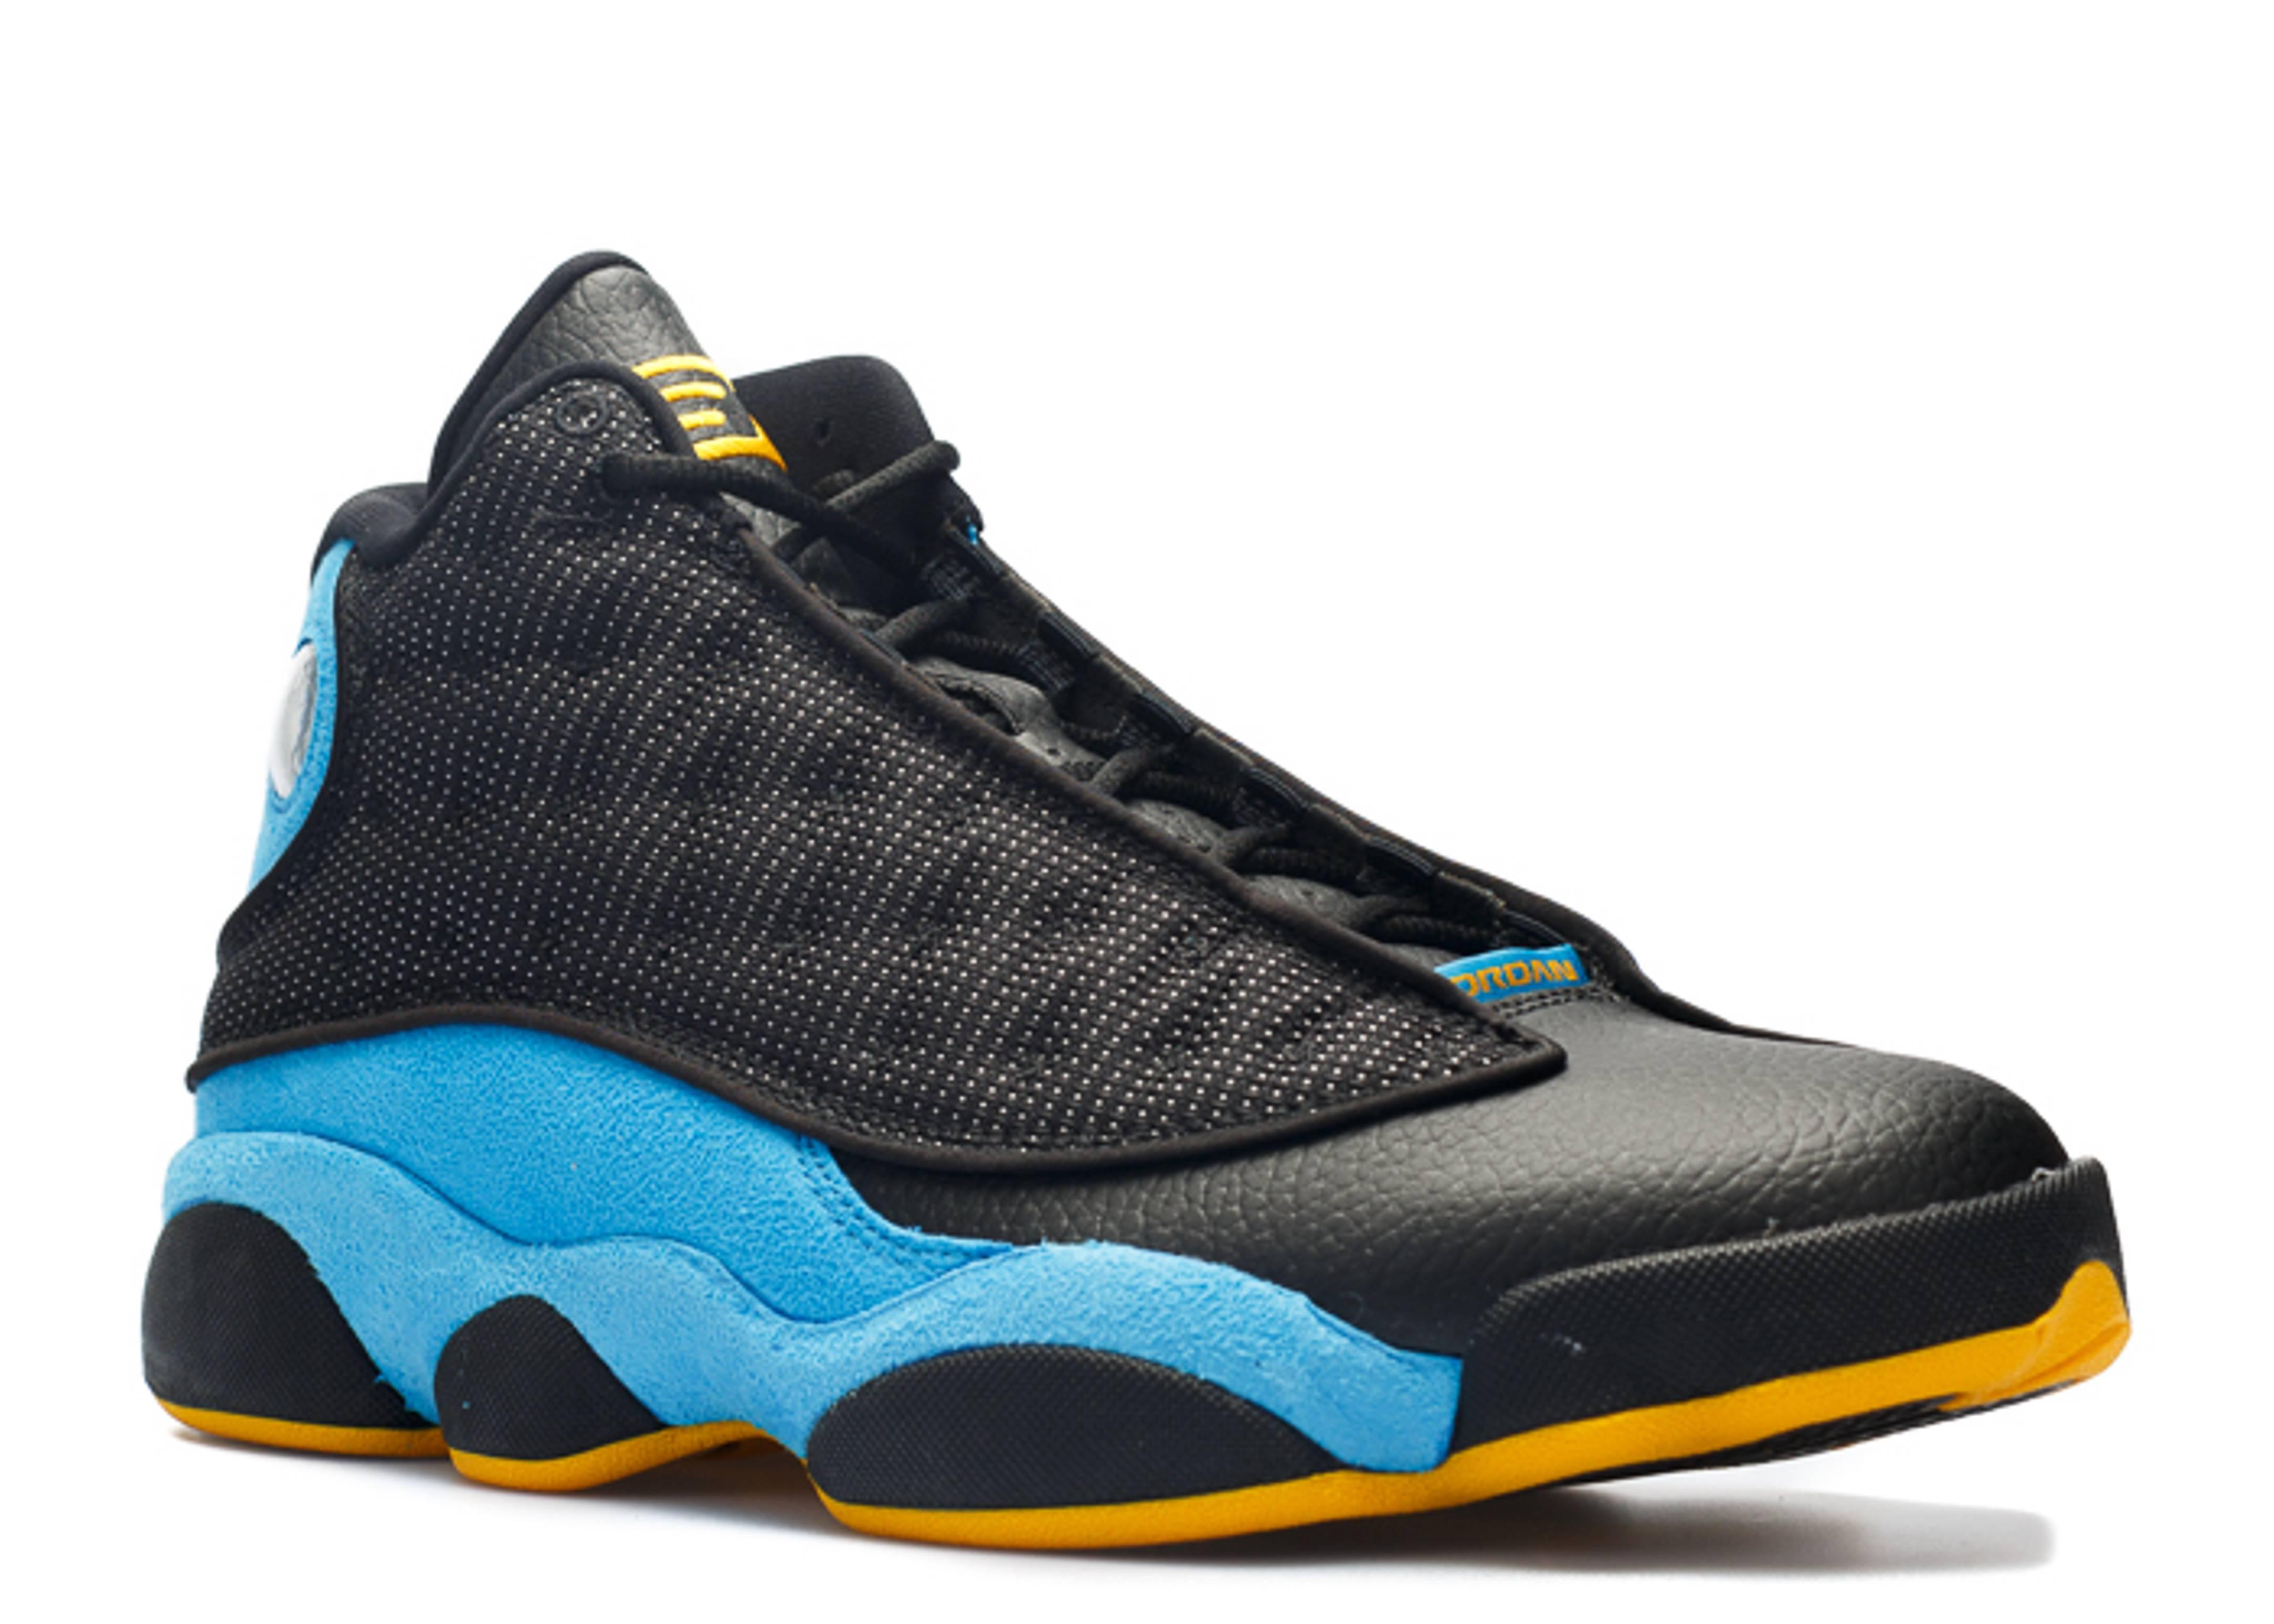 online retailer a58e0 87651 Air Jordan 13 Retro Cp Pe